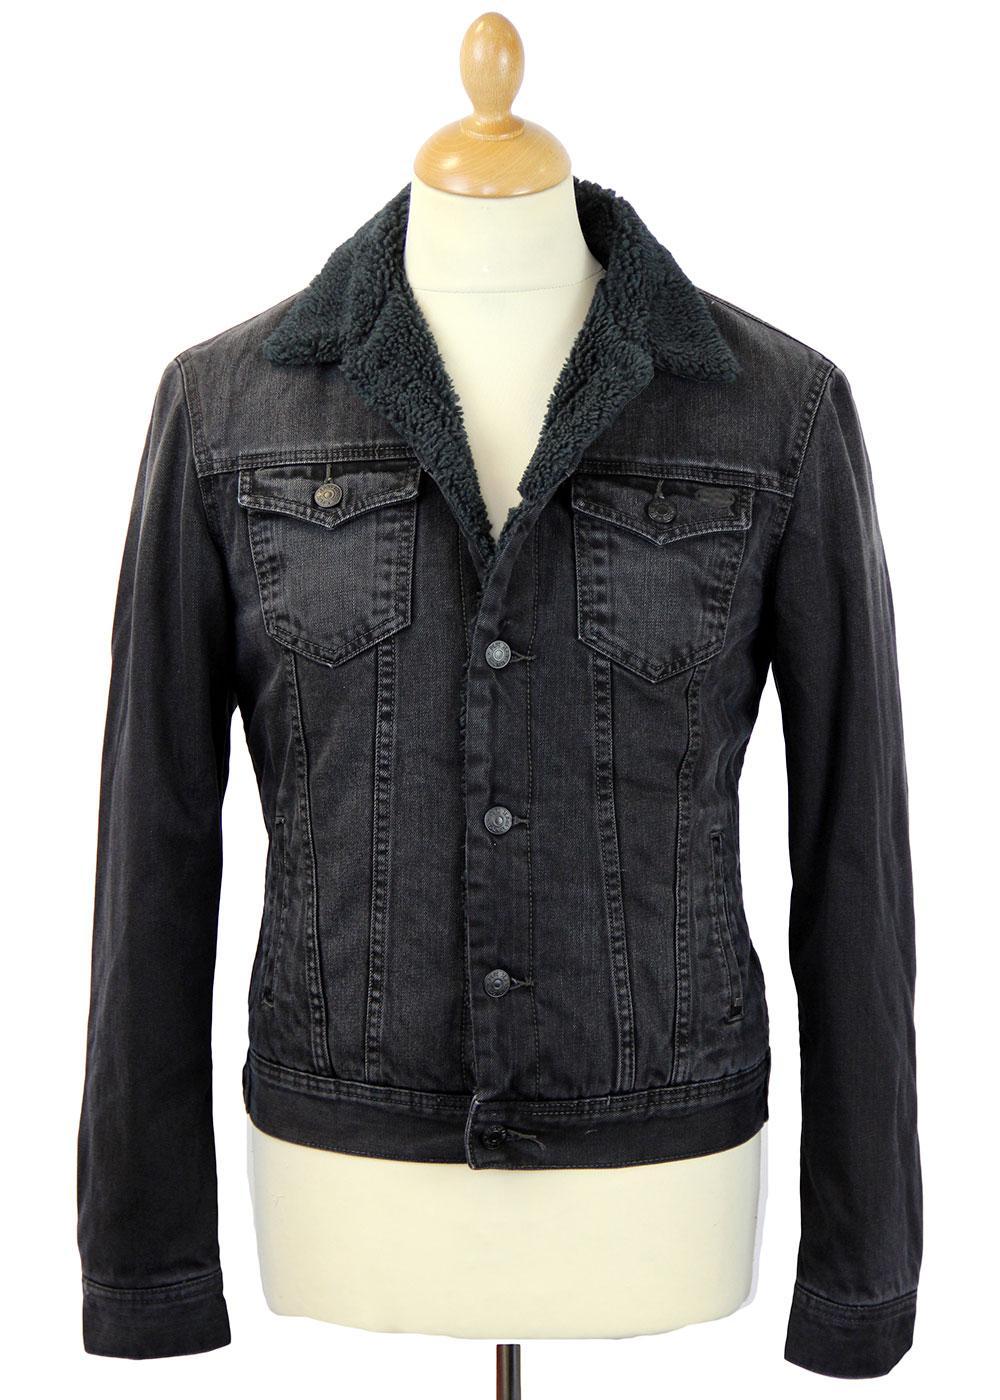 Flint Pepe Jeans Retro Sherpa Lined Denim Jacket